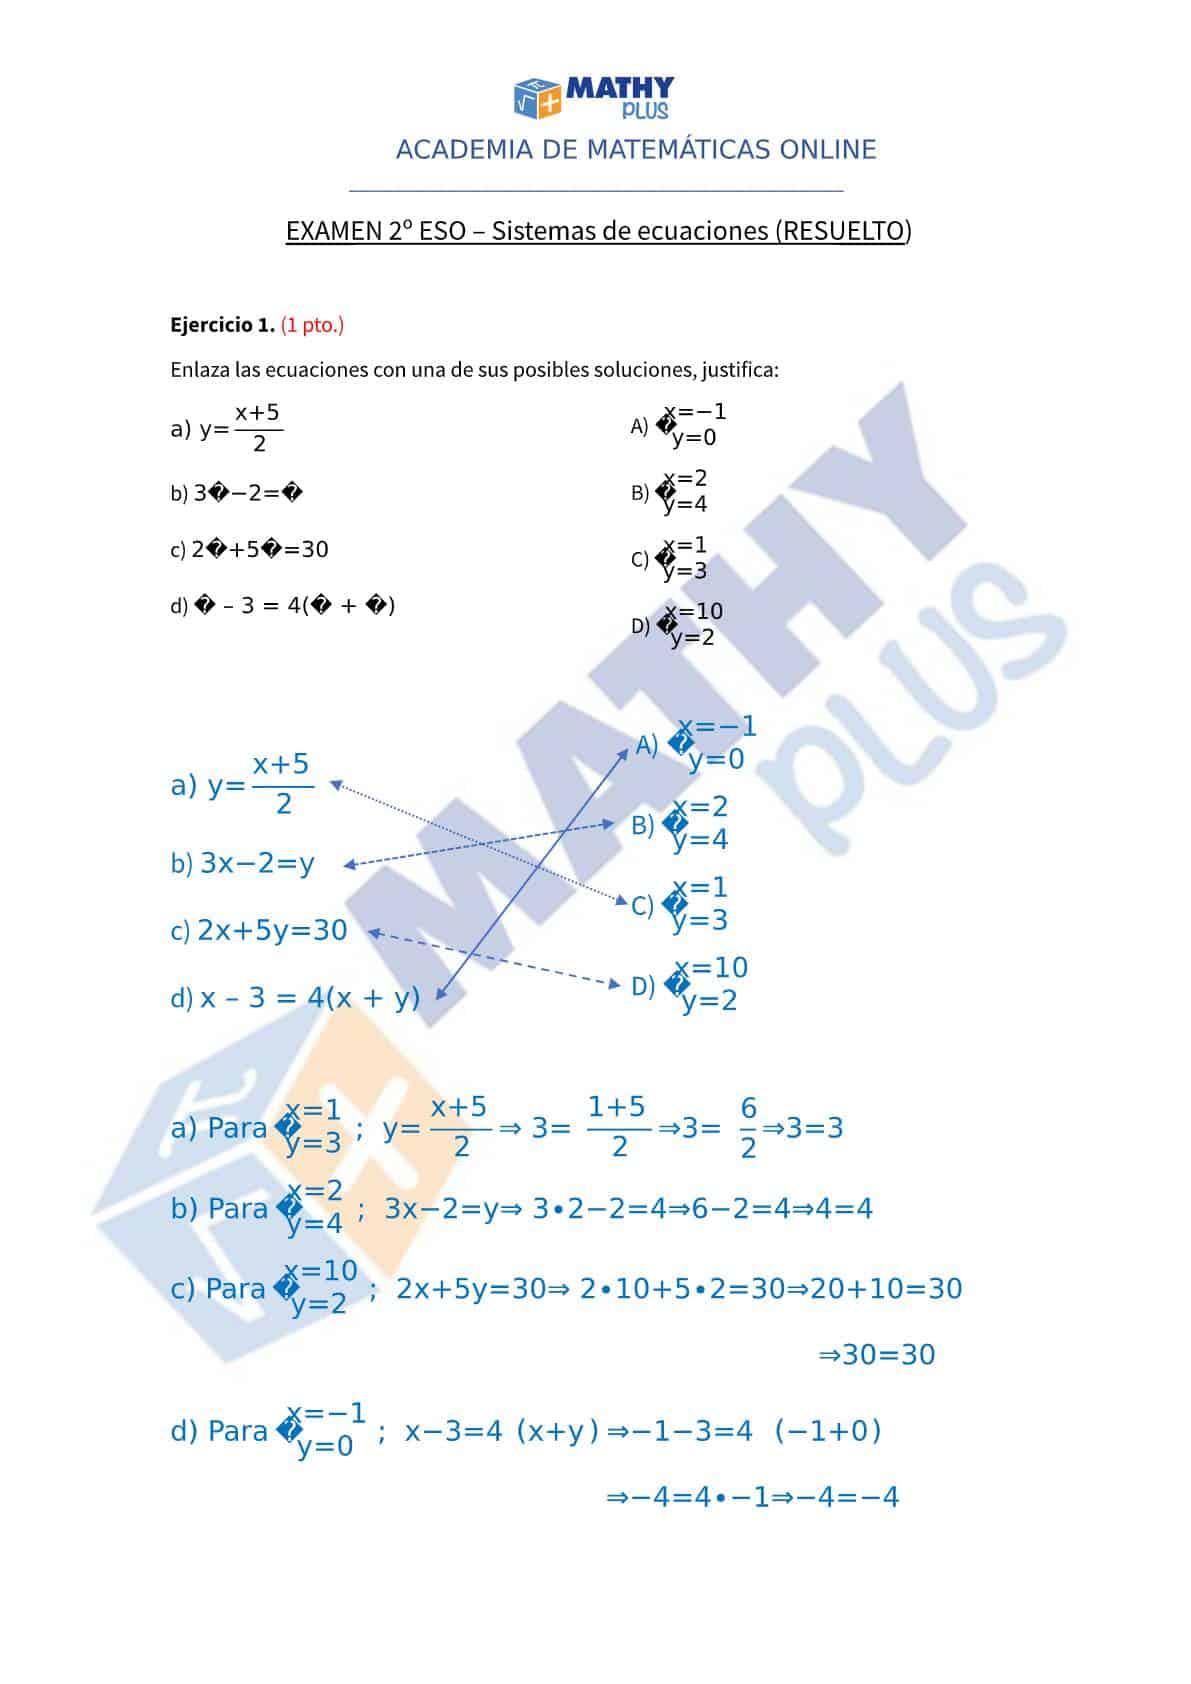 Examen resuelto sistemas de ecuaciones